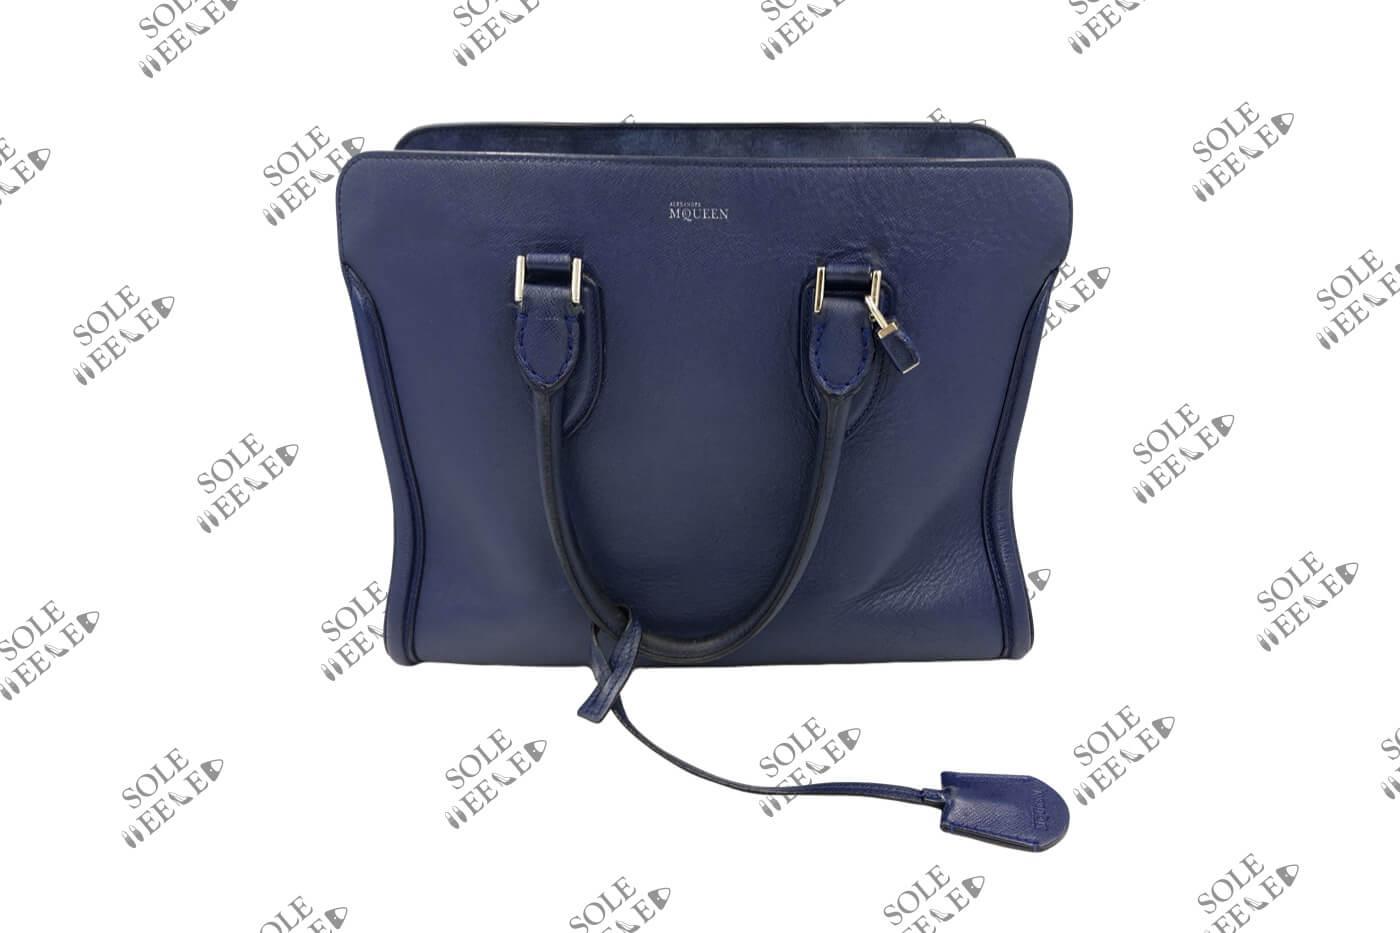 Alexander McQueen Handbag Restoration